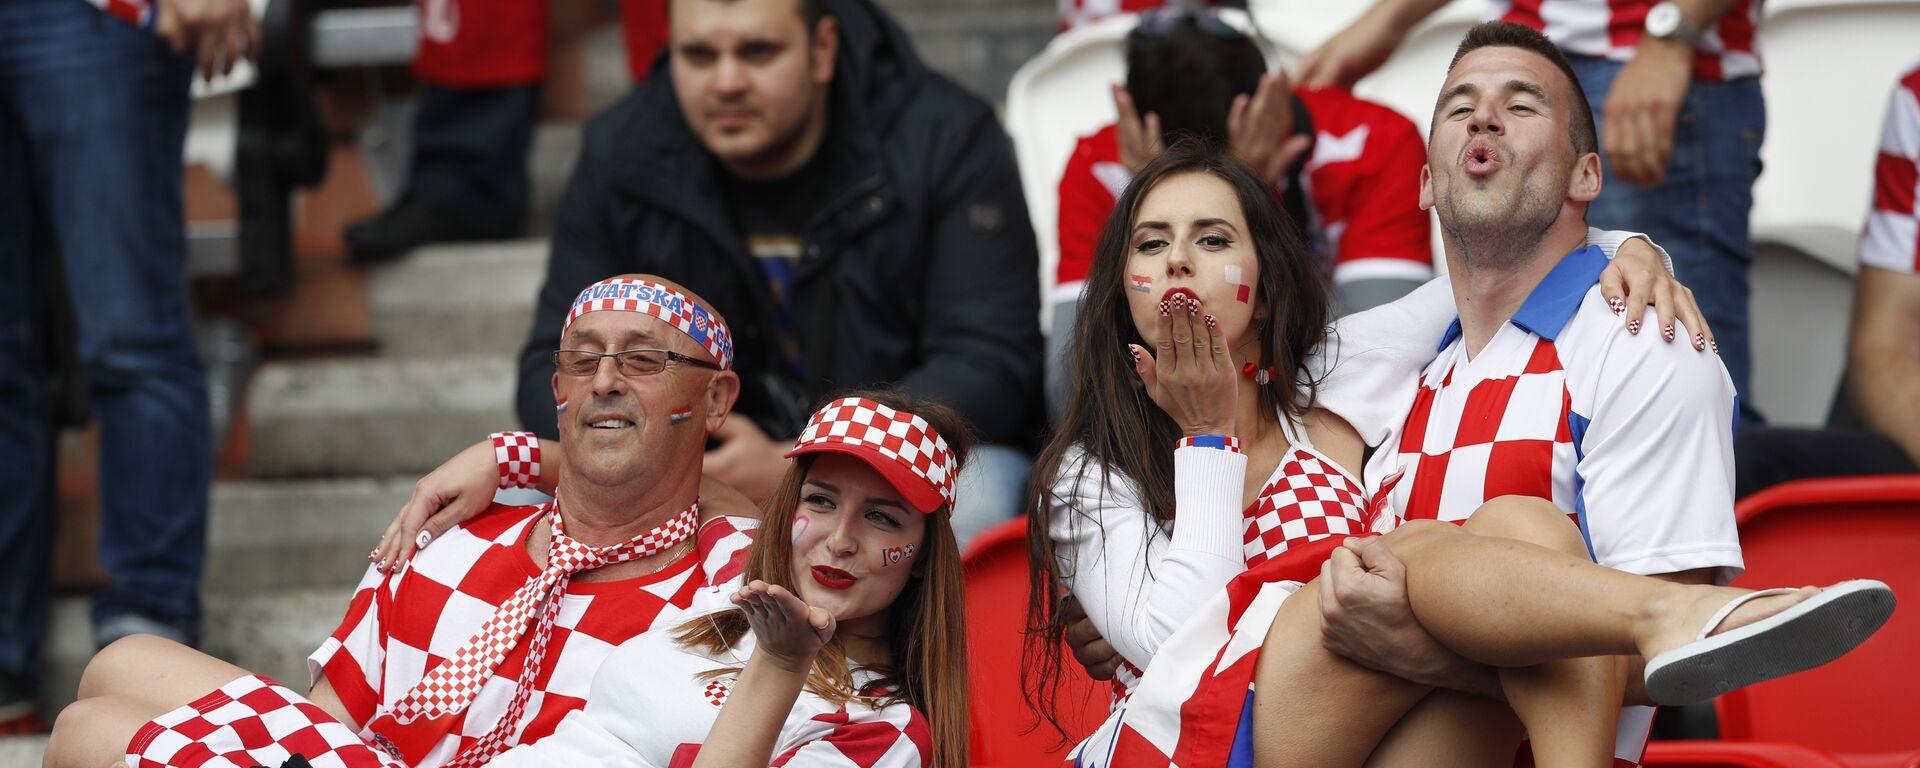 Navijači Hrvatske uoči meča protiv Turske na EVRO 2016. - Sputnik Srbija, 1920, 12.10.2021